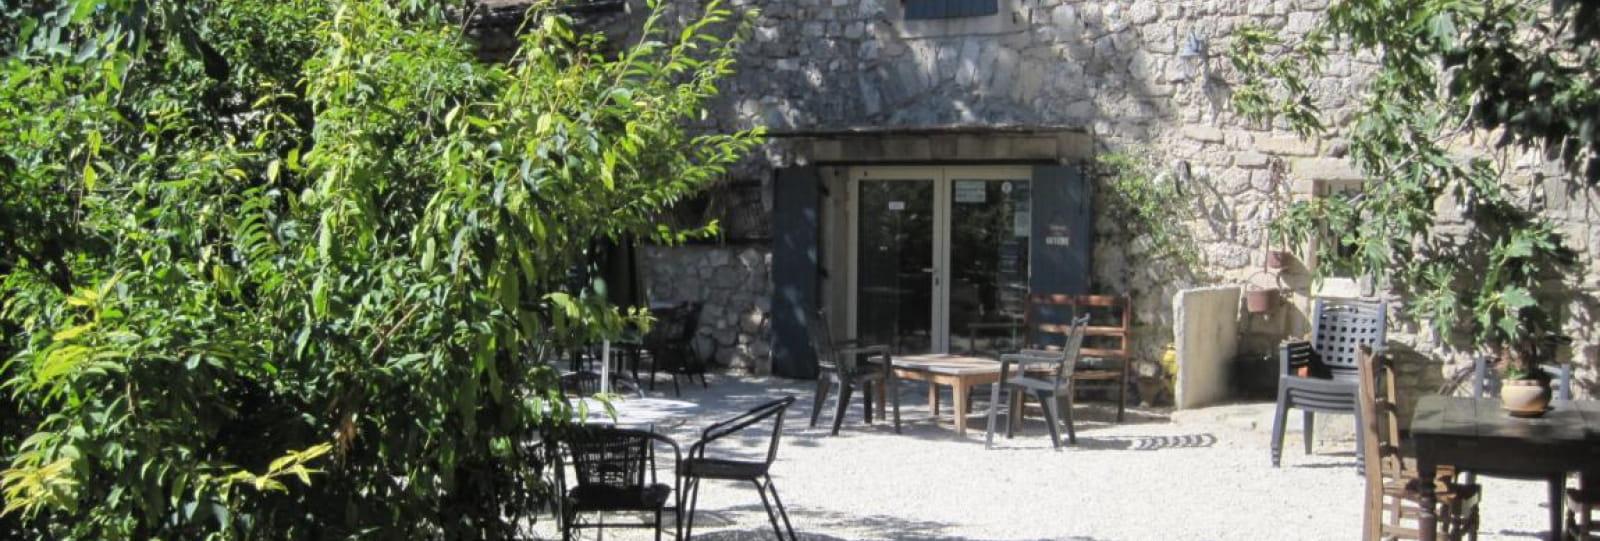 La Marguerite - La cour du restaurant